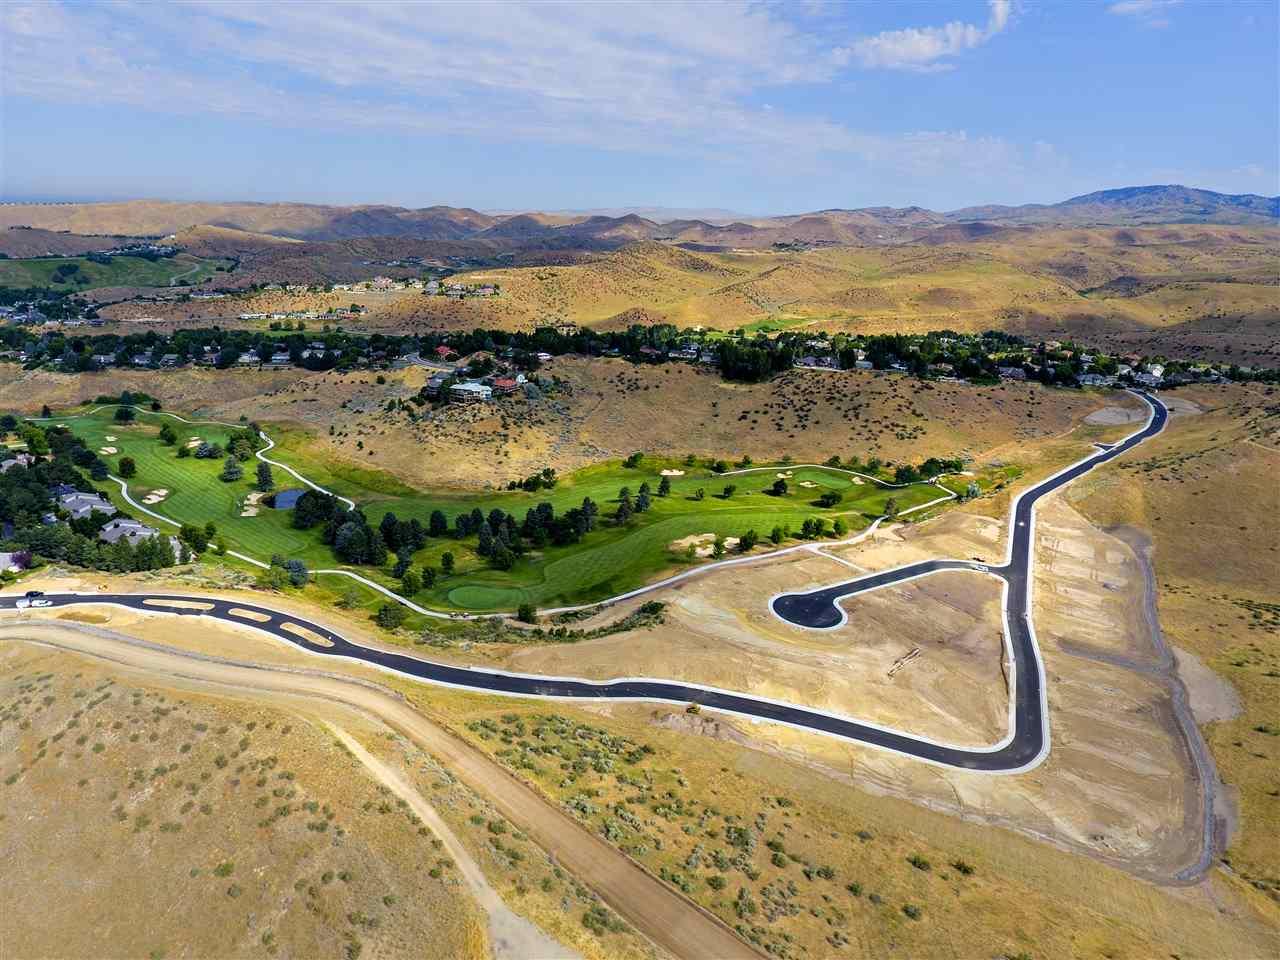 799 Chardie Road 799 Chardie Road Boise, Idaho 83702